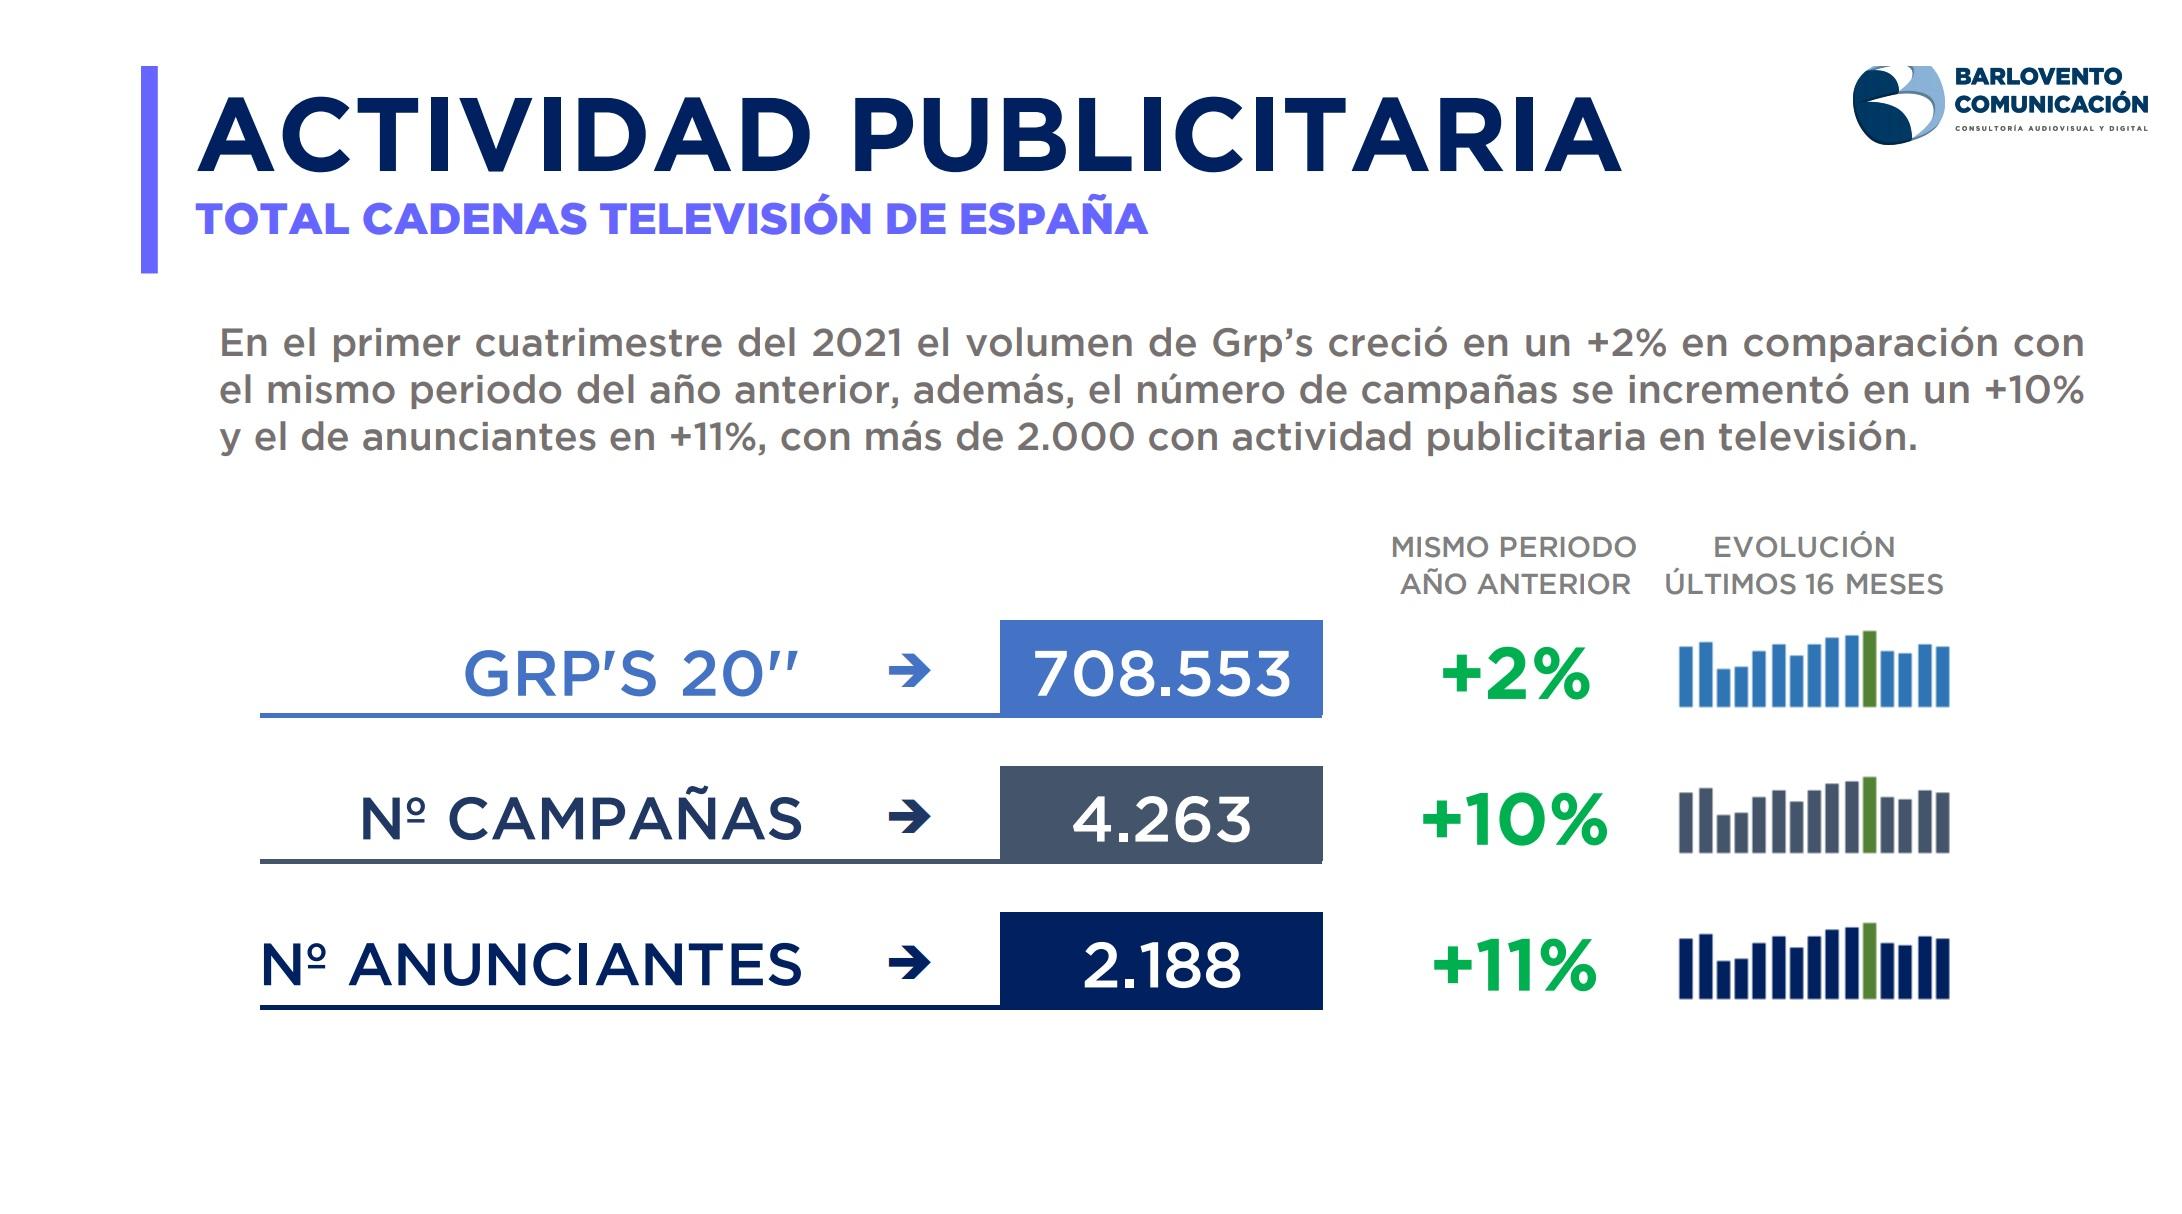 https://www.programapublicidad.com/wp-content/uploads/2021/05/Informe-Actividad-Publicitaria-Televisión-barlovento-kantar-Infoadex-mayo-programapublicidad-2.jpg